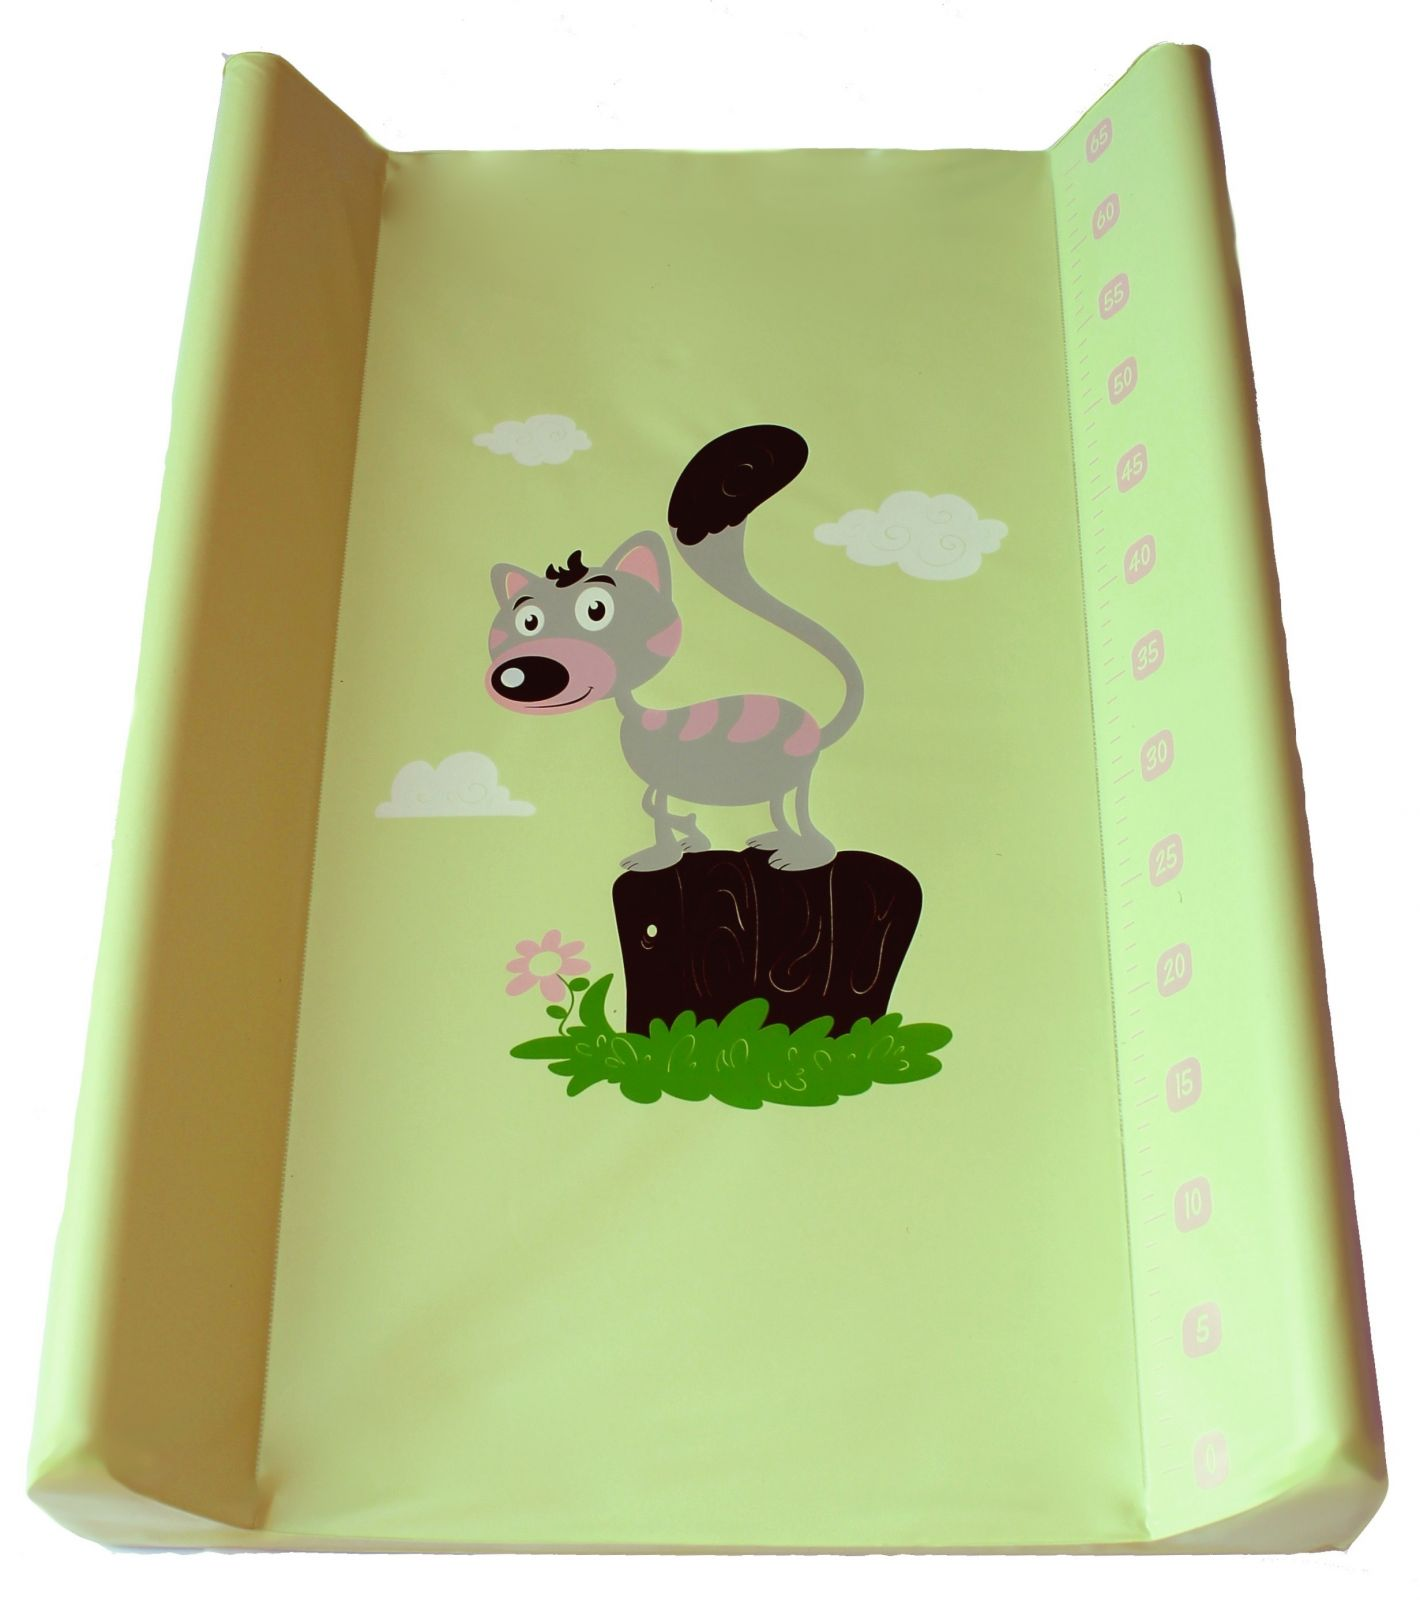 Přebalovací podložka Baby sky měkká 50x80 cm zelená kotě